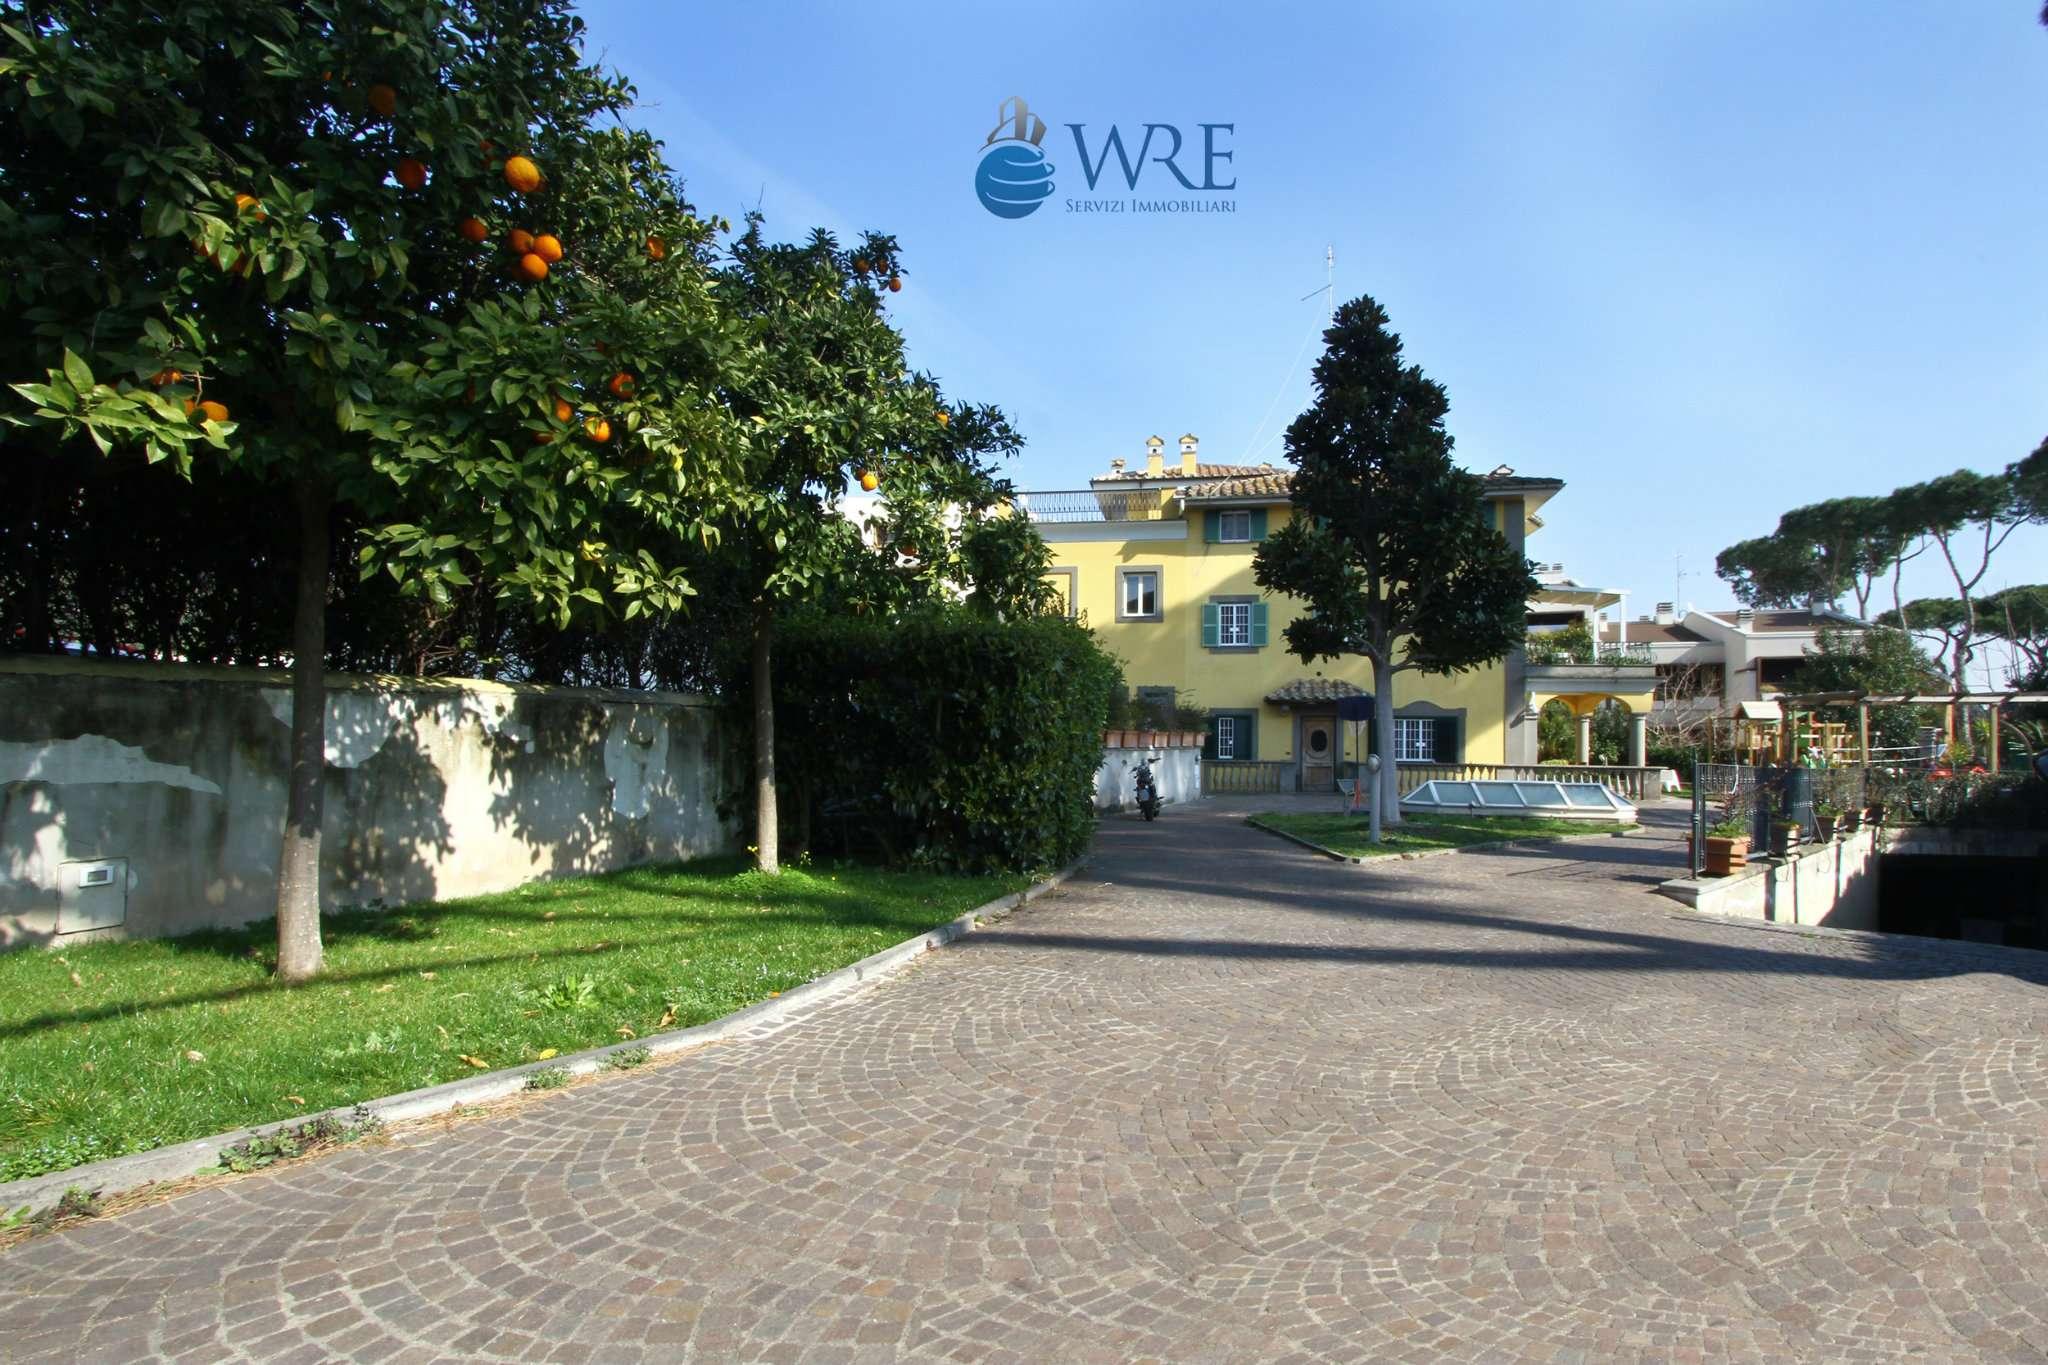 Villa in vendita a Roma, 17 locali, zona Zona: 27 . Aurelio - Boccea, prezzo € 2.450.000 | CambioCasa.it